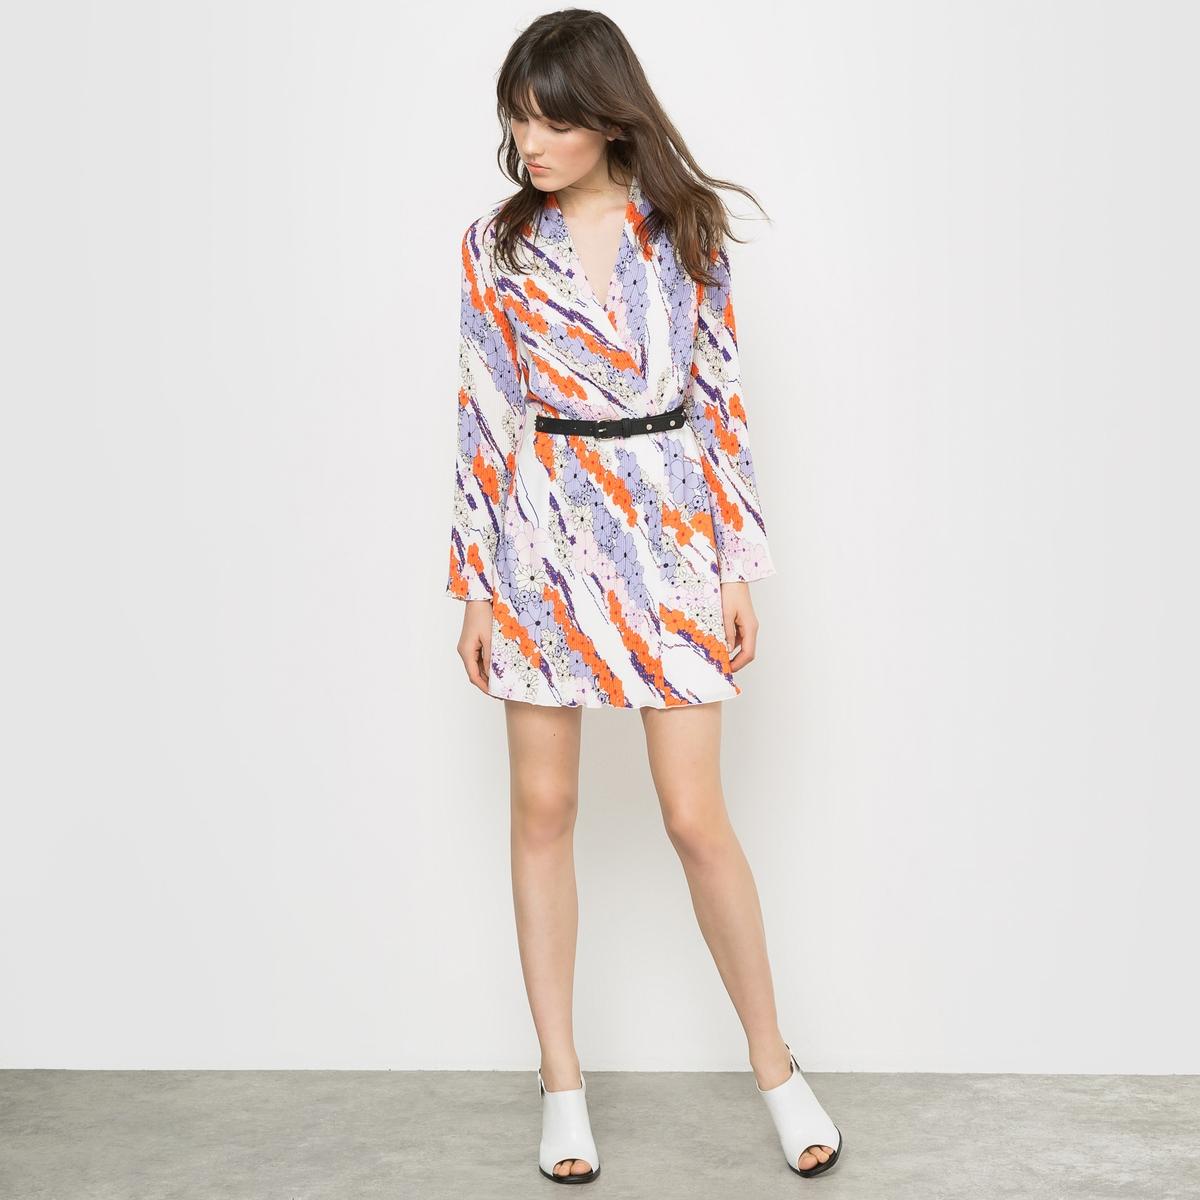 купить Платье плиссированное с рисунком недорого